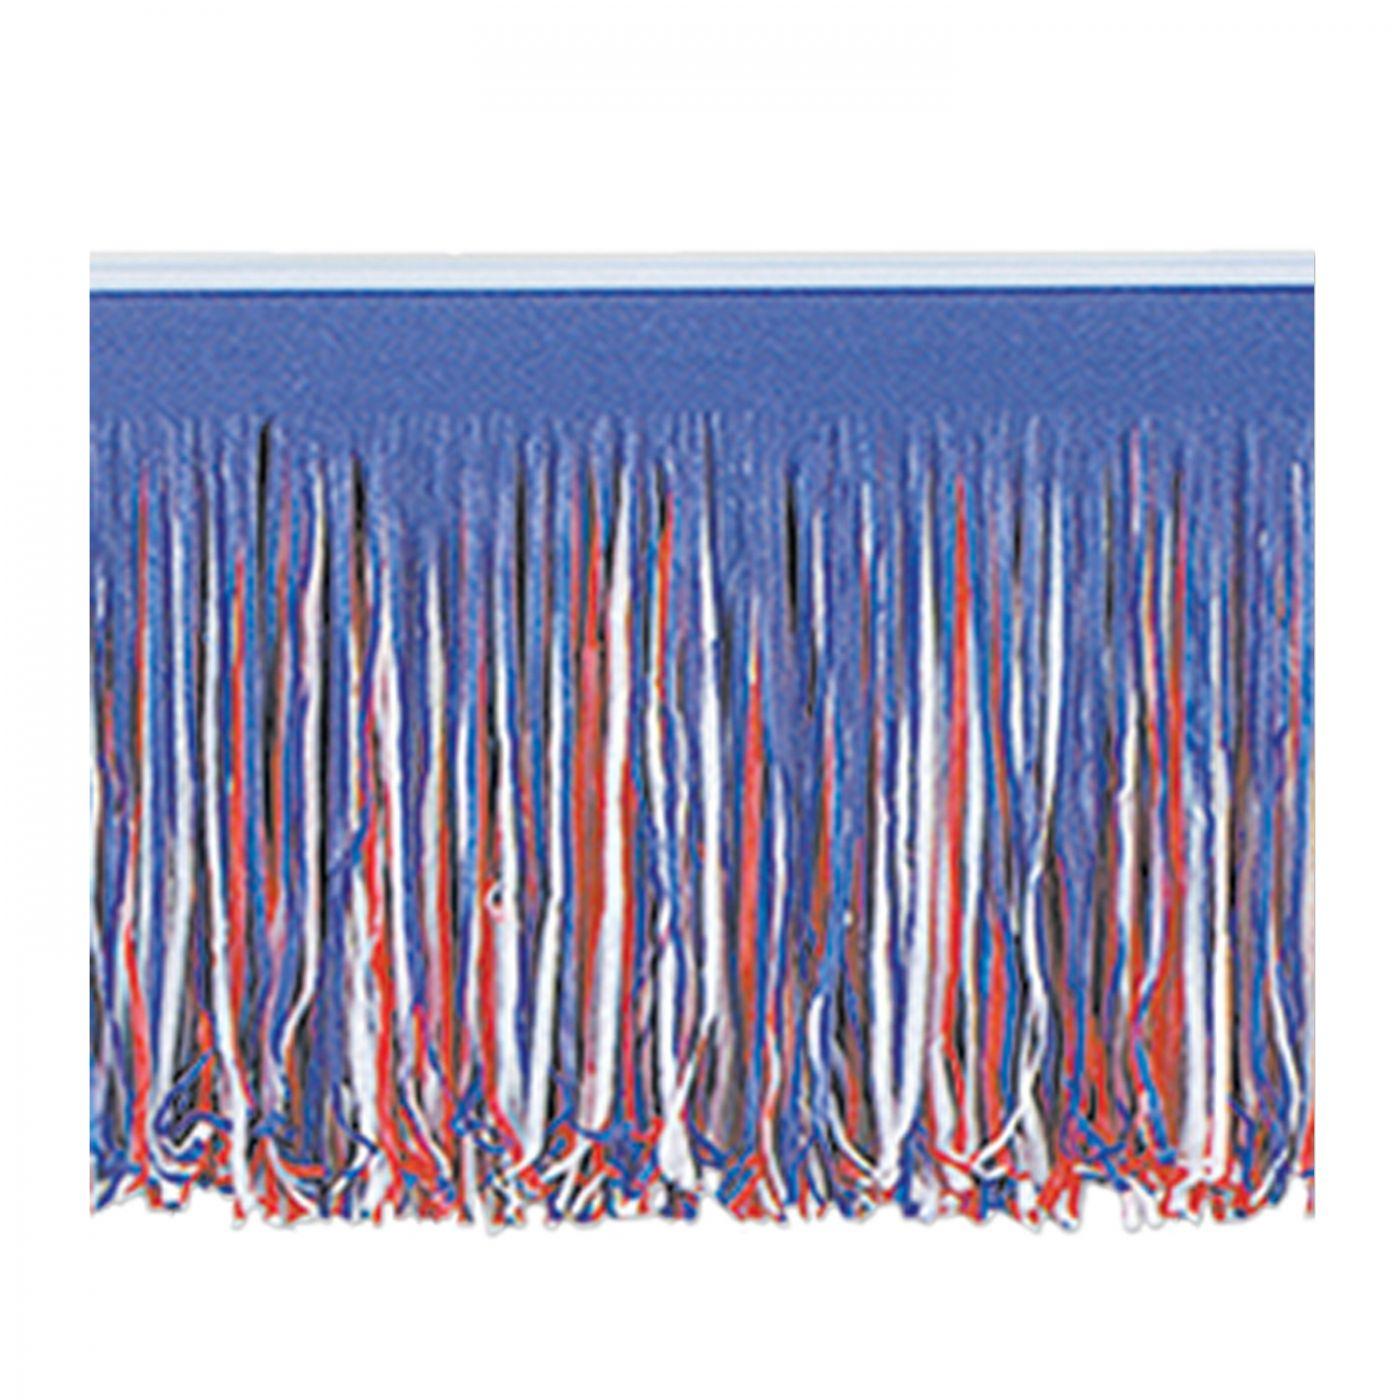 Image of 6-Ply Tissue Fringe Drape